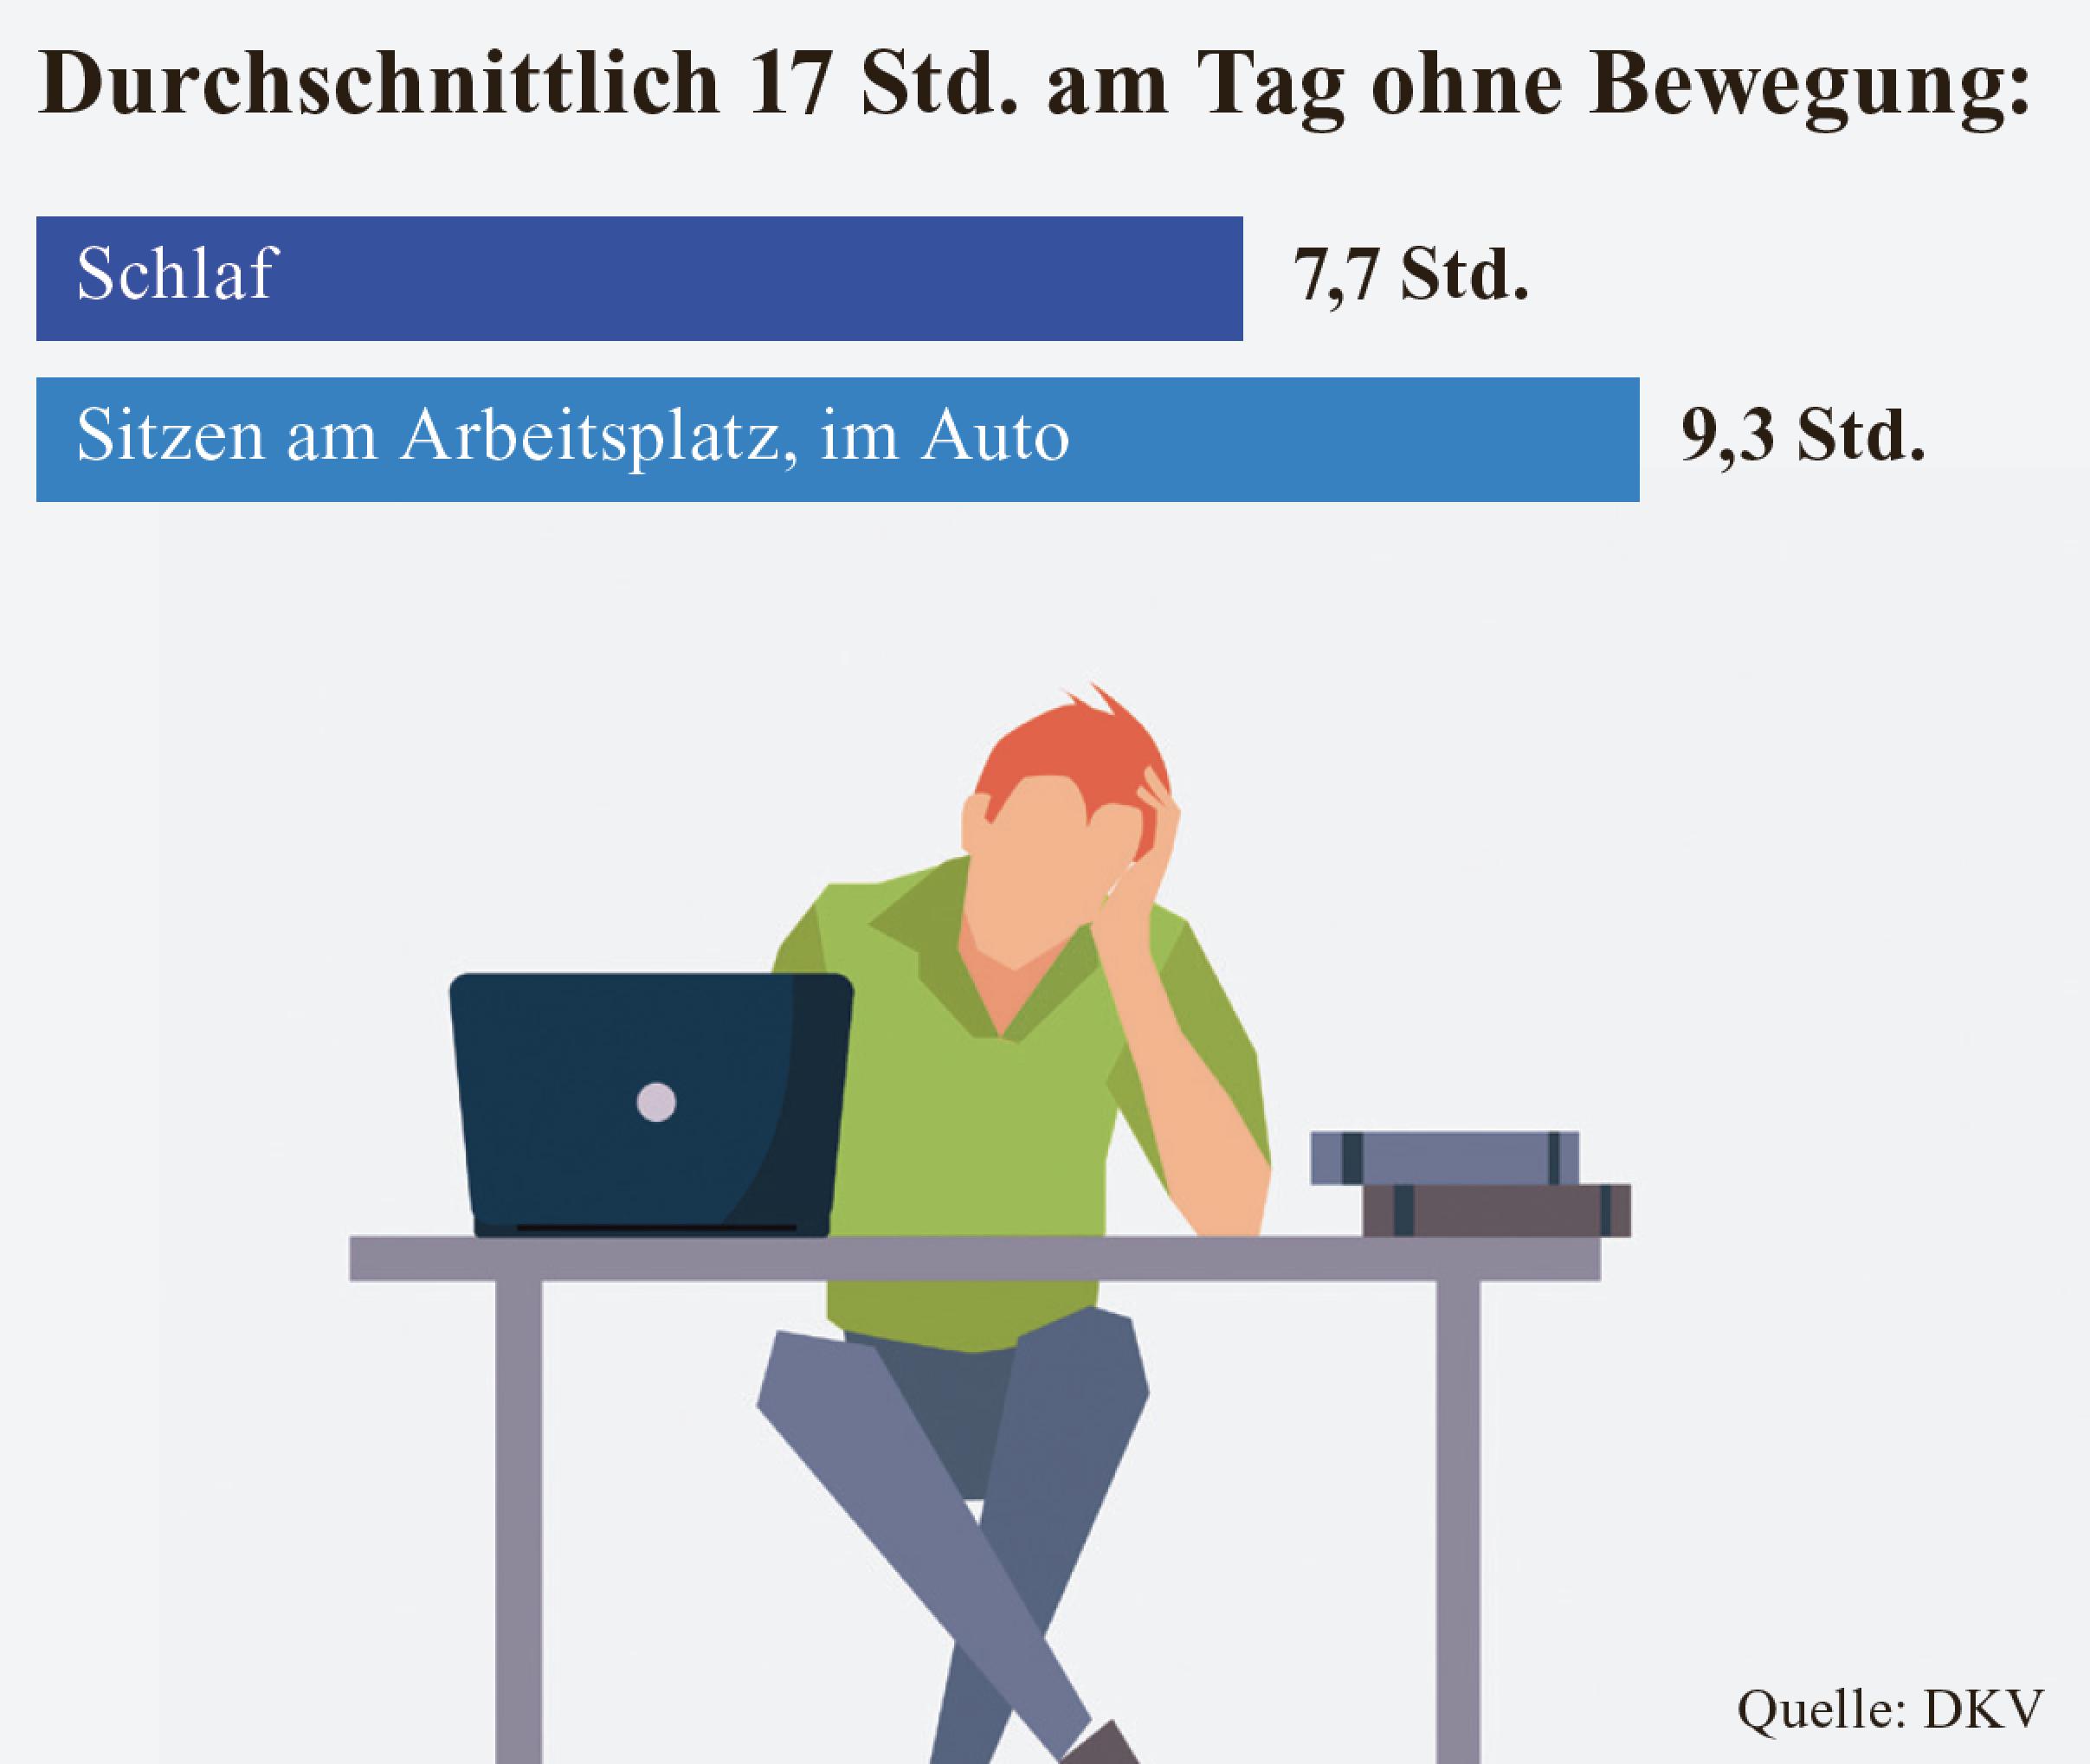 Rauchen-Sitzen-Bewegung-Gesundheit-Dolzer-Blog.png